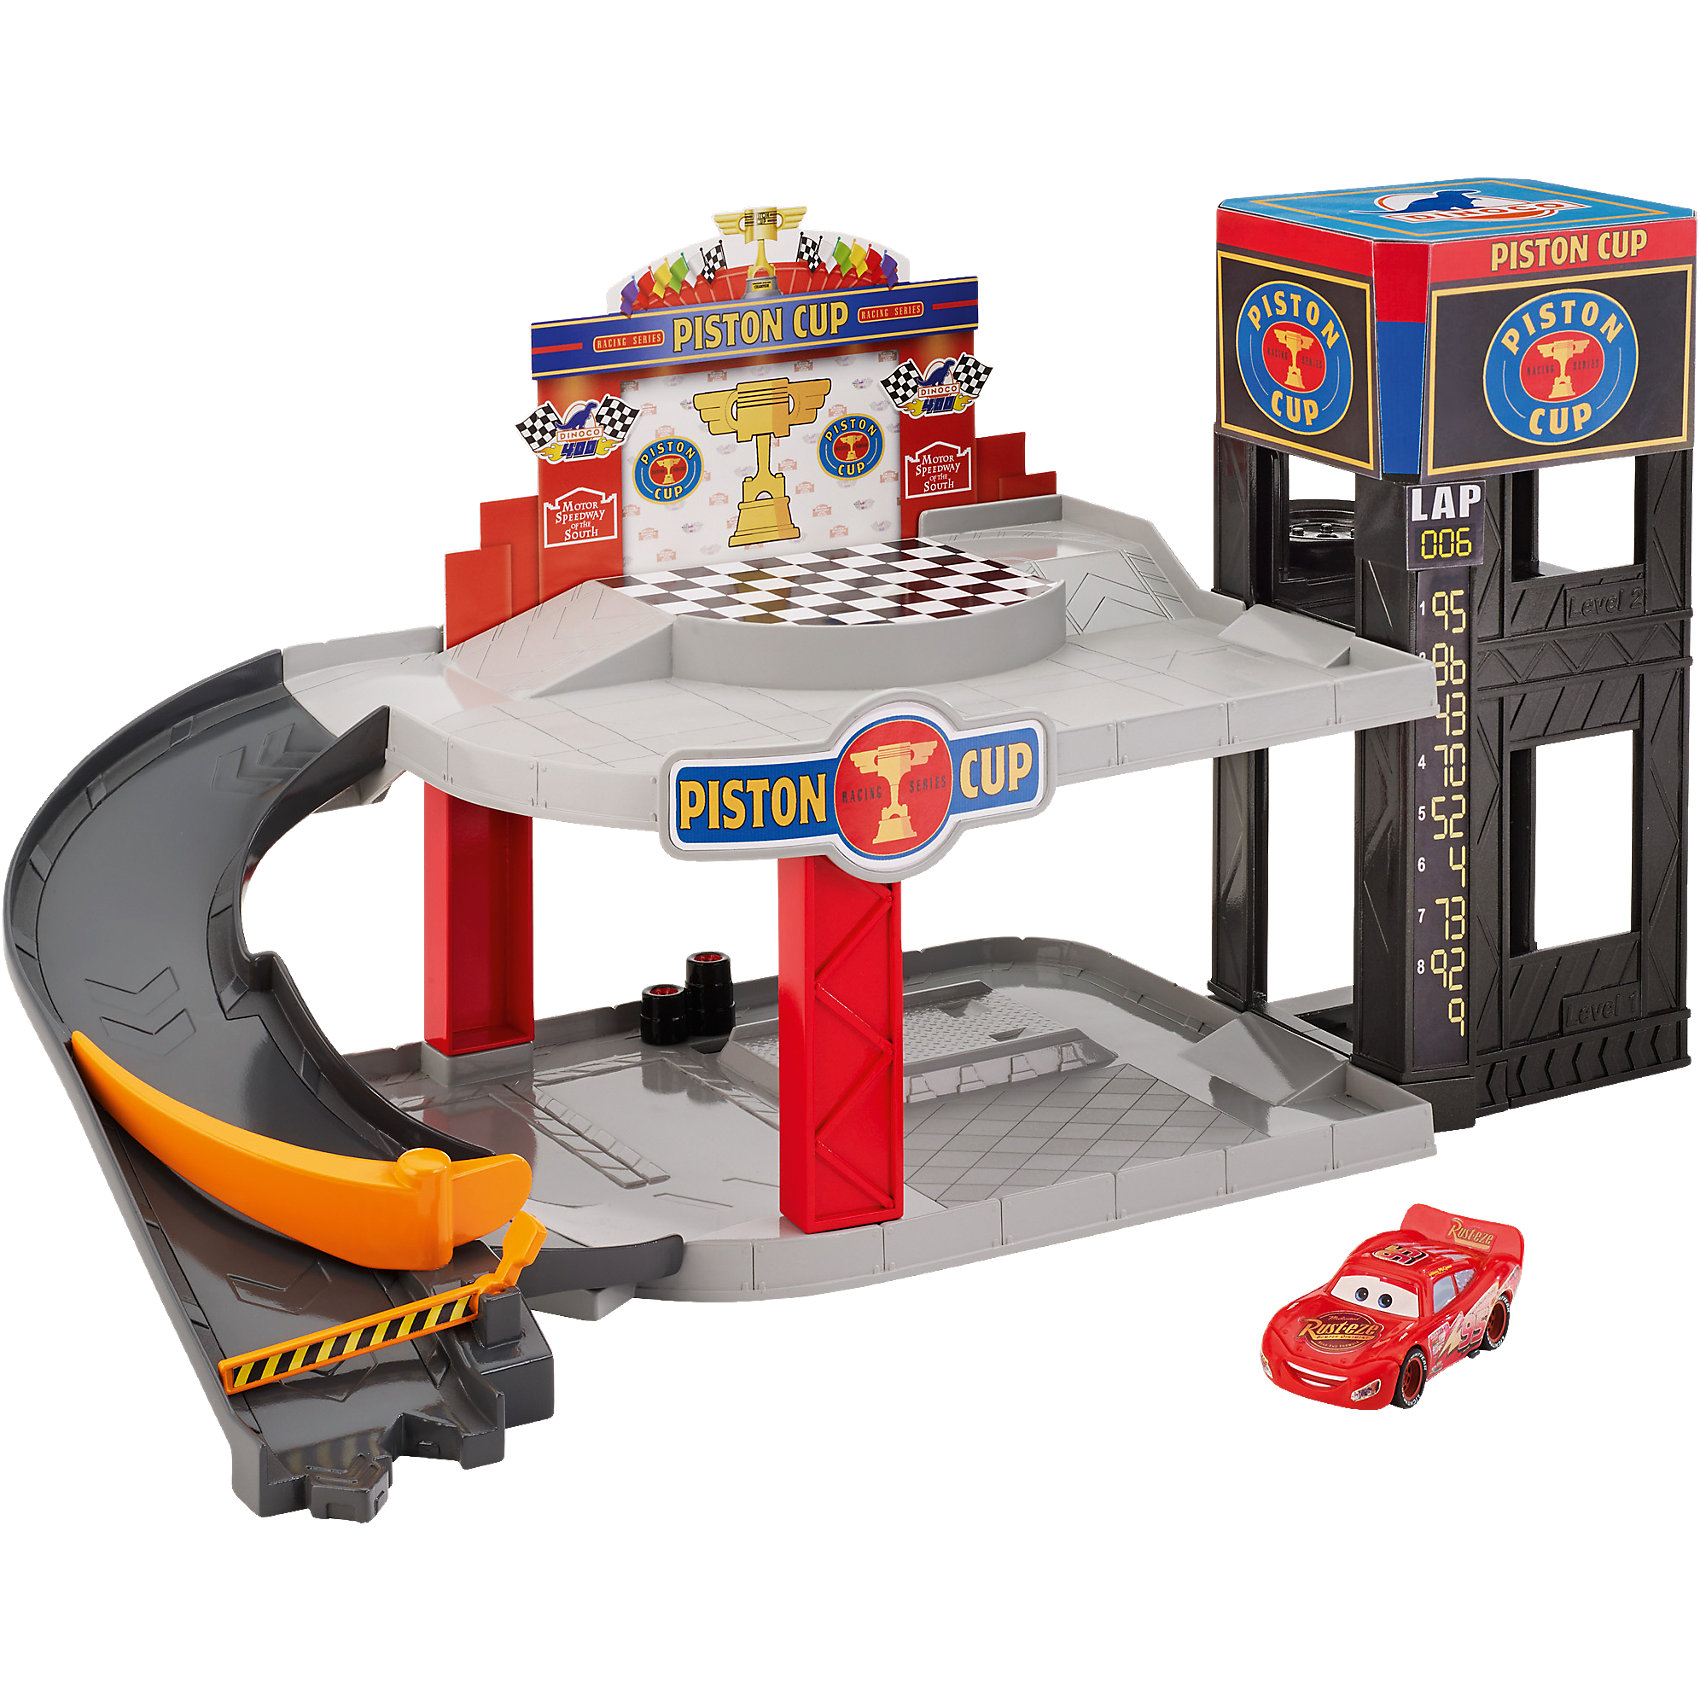 Большой гараж, ТачкиПарковки и гаражи<br>Большой гараж, Тачки<br><br>Характеристики:<br><br>• гараж имеет 2 уровня<br>• есть работающий лифт<br>• большие площадки для игры<br>• материал: металл<br>• в комплекте: детали гаража, машинка Маккуин<br><br>Каждый гонщик знает, как важно иметь собственный гараж. Гараж Тачек имеет 2 уровня с вместительными площадками. Для подъёма можно использовать специальный лифт. В этом гараже Молния Маккуин сможет устроить захватывающие игры со своими друзьями или отдохнуть после сложной гонки.<br><br>Большой гараж, Тачки можно купить в нашем интернет-магазине.<br><br>Ширина мм: 340<br>Глубина мм: 304<br>Высота мм: 109<br>Вес г: 892<br>Возраст от месяцев: 48<br>Возраст до месяцев: 84<br>Пол: Мужской<br>Возраст: Детский<br>SKU: 5070812